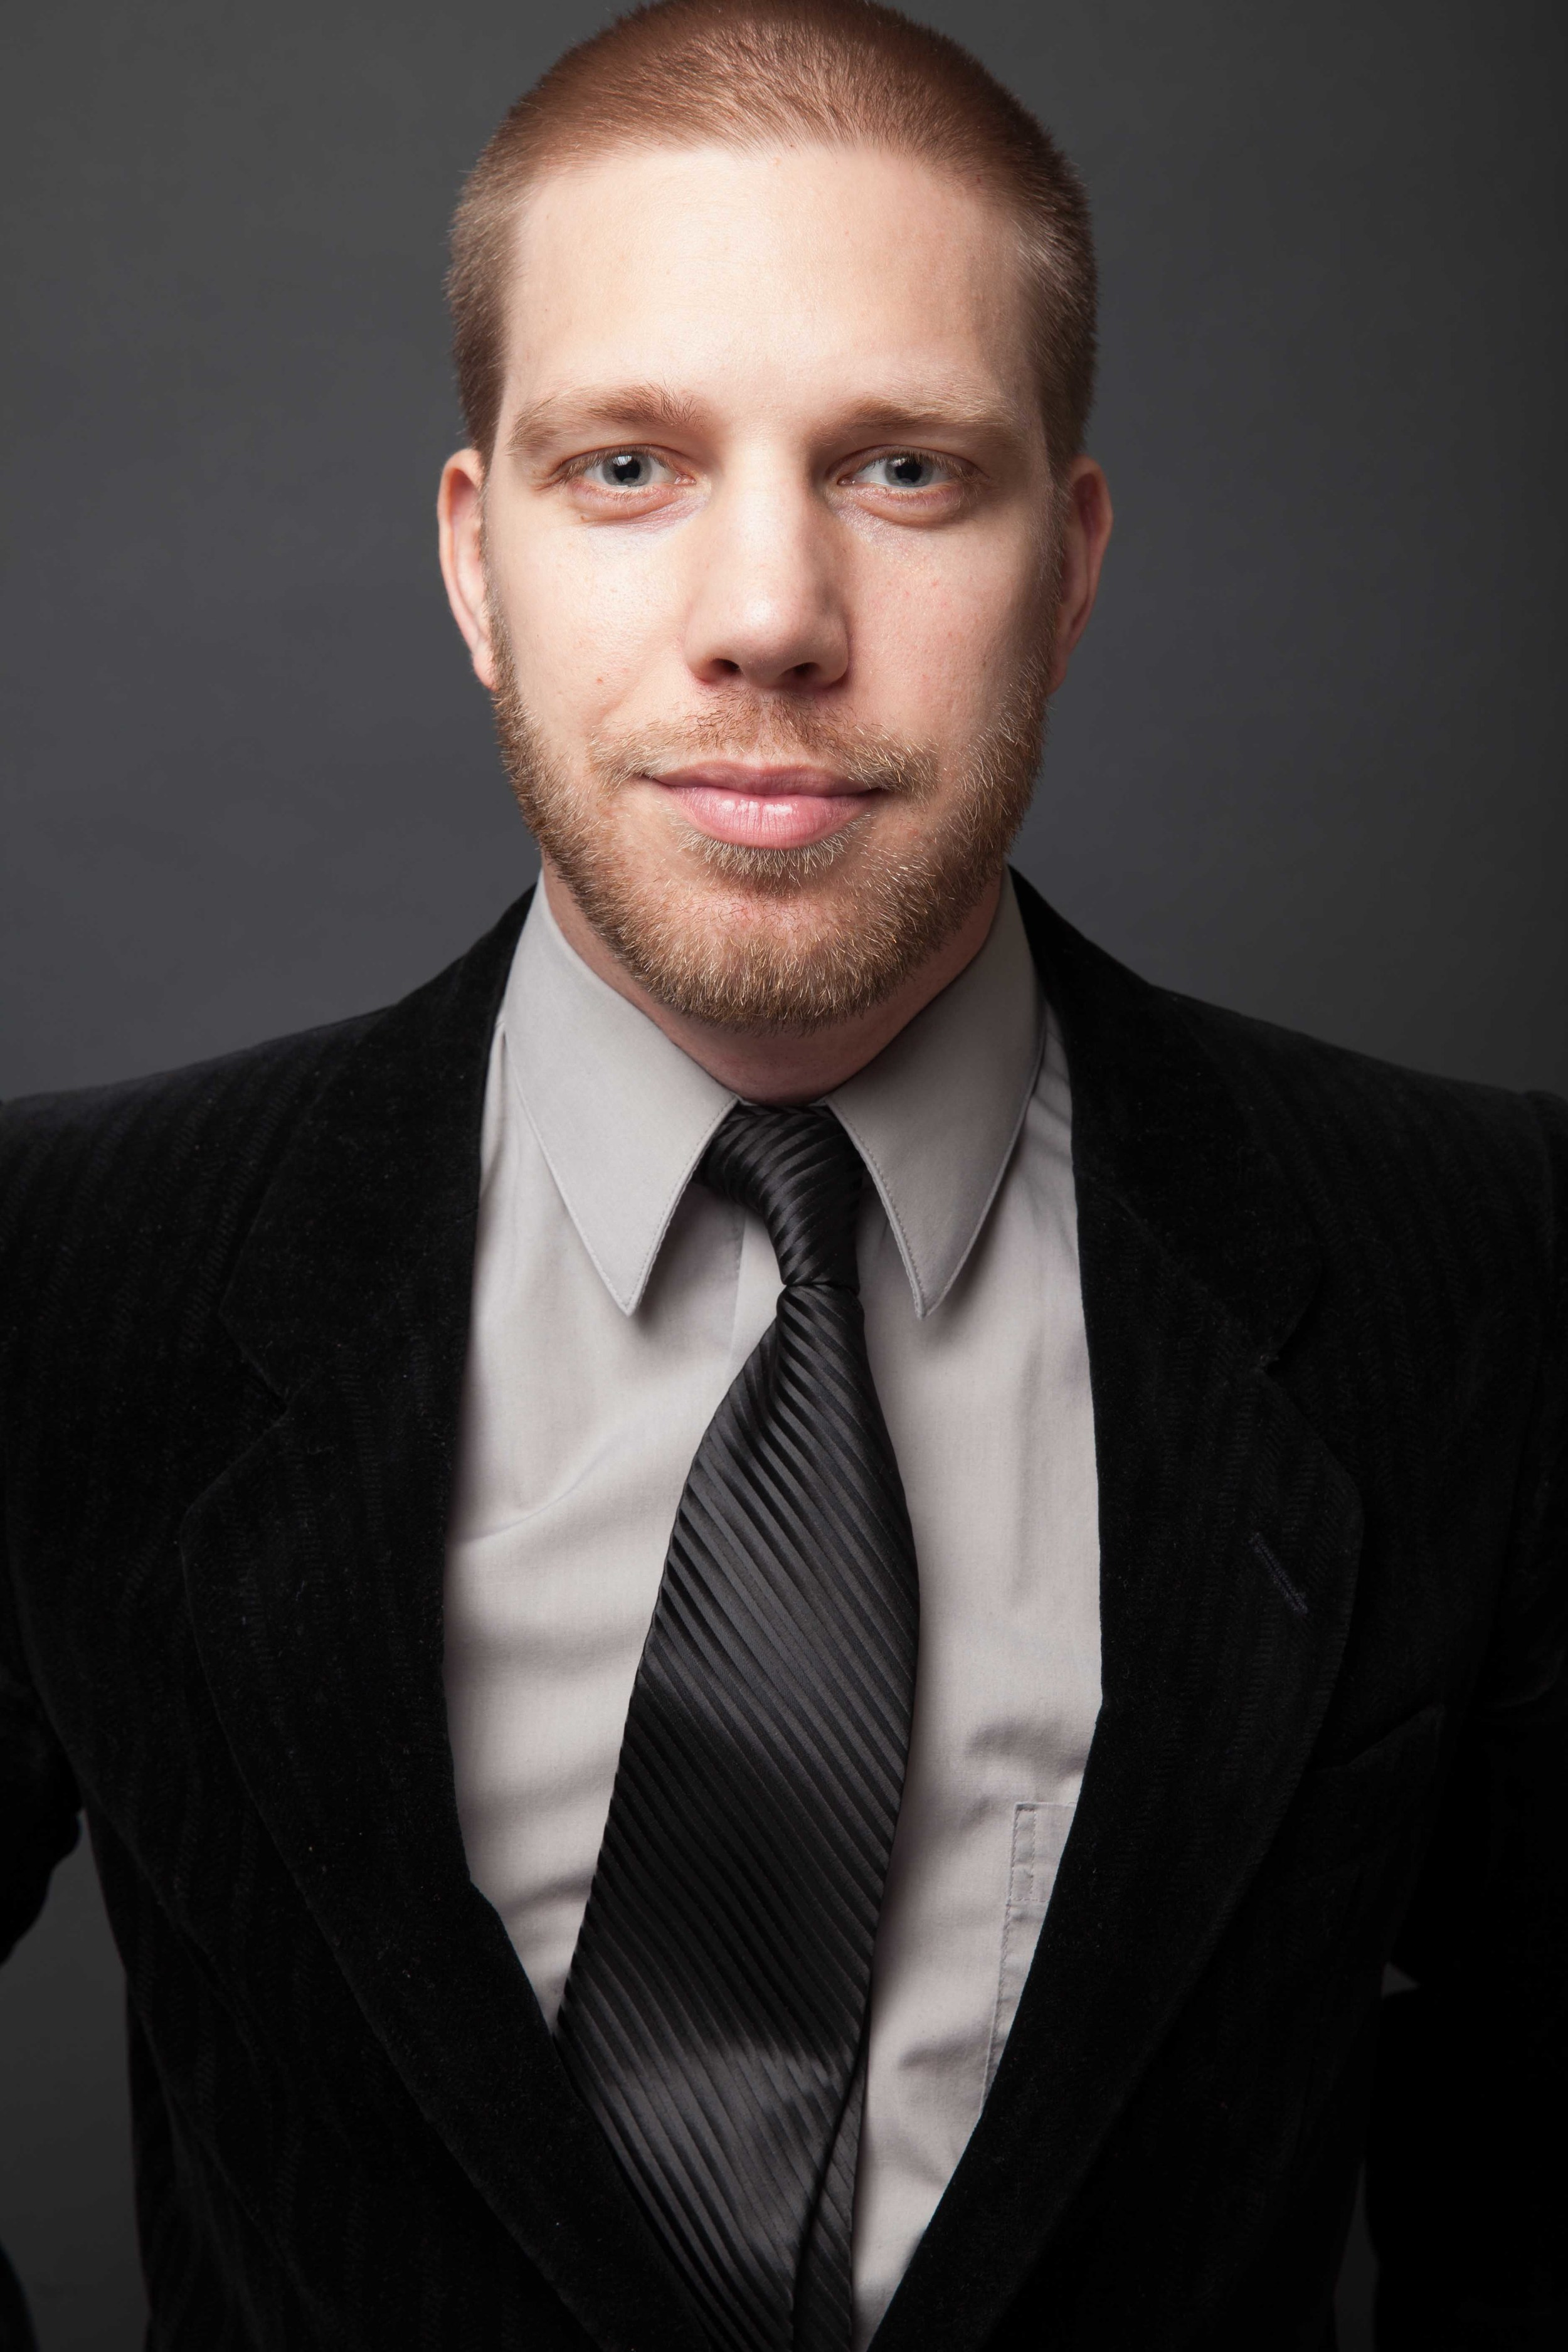 Kyle Rea Business Portrait